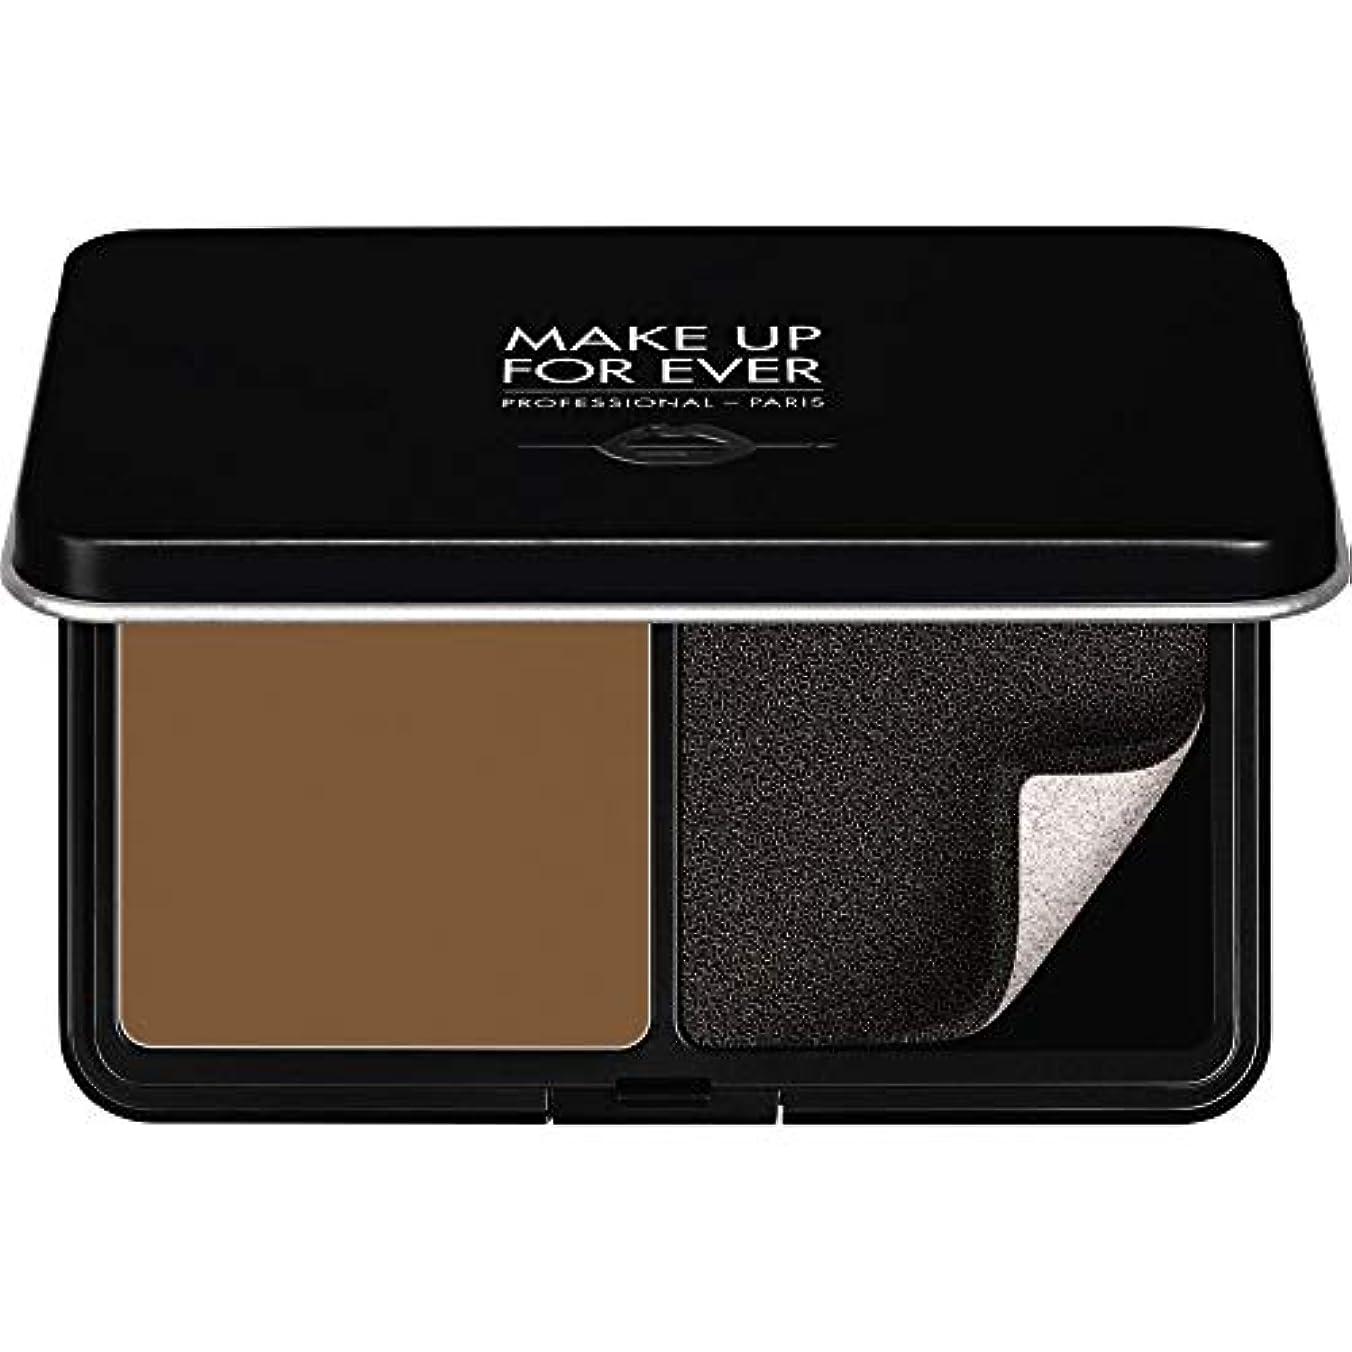 温度見習い創始者[MAKE UP FOR EVER] パウダーファンデーション11GののR540をぼかし、これまでマットベルベットの肌を補う - ダークブラウン - MAKE UP FOR EVER Matte Velvet Skin Blurring Powder Foundation 11g R540 - Dark Brown [並行輸入品]